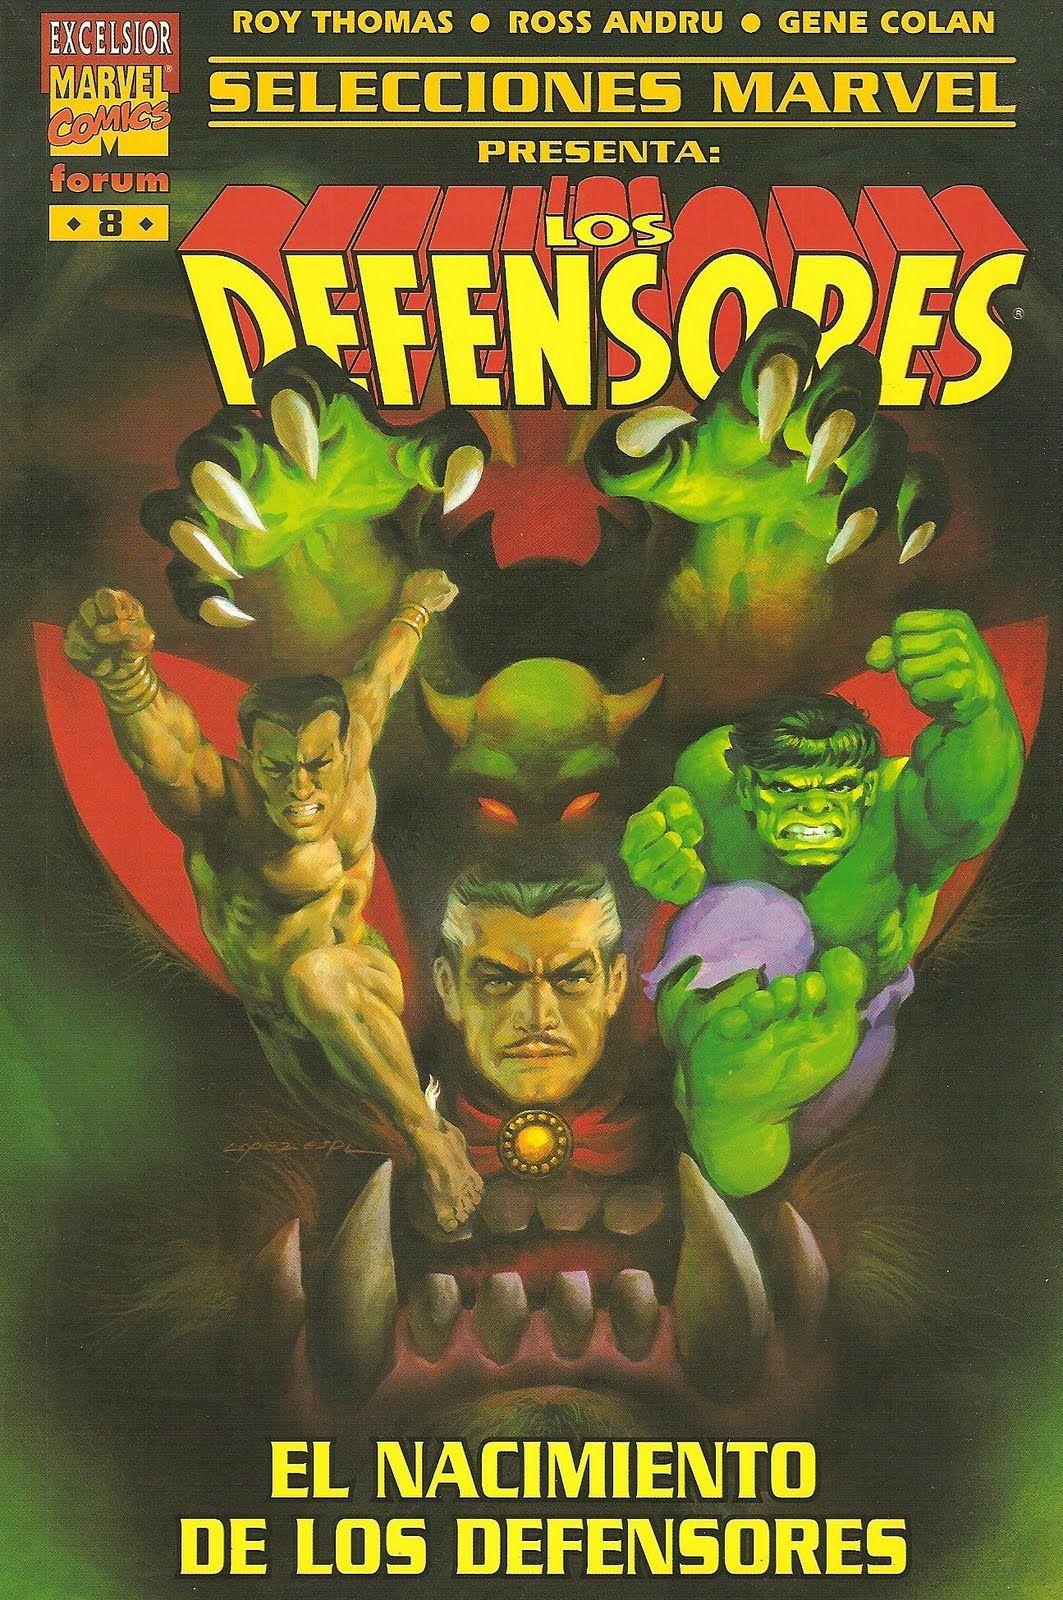 Selecciones Marvel #08 (Spanish)  - Los Defensores - Cover Art by Rafael López Espí